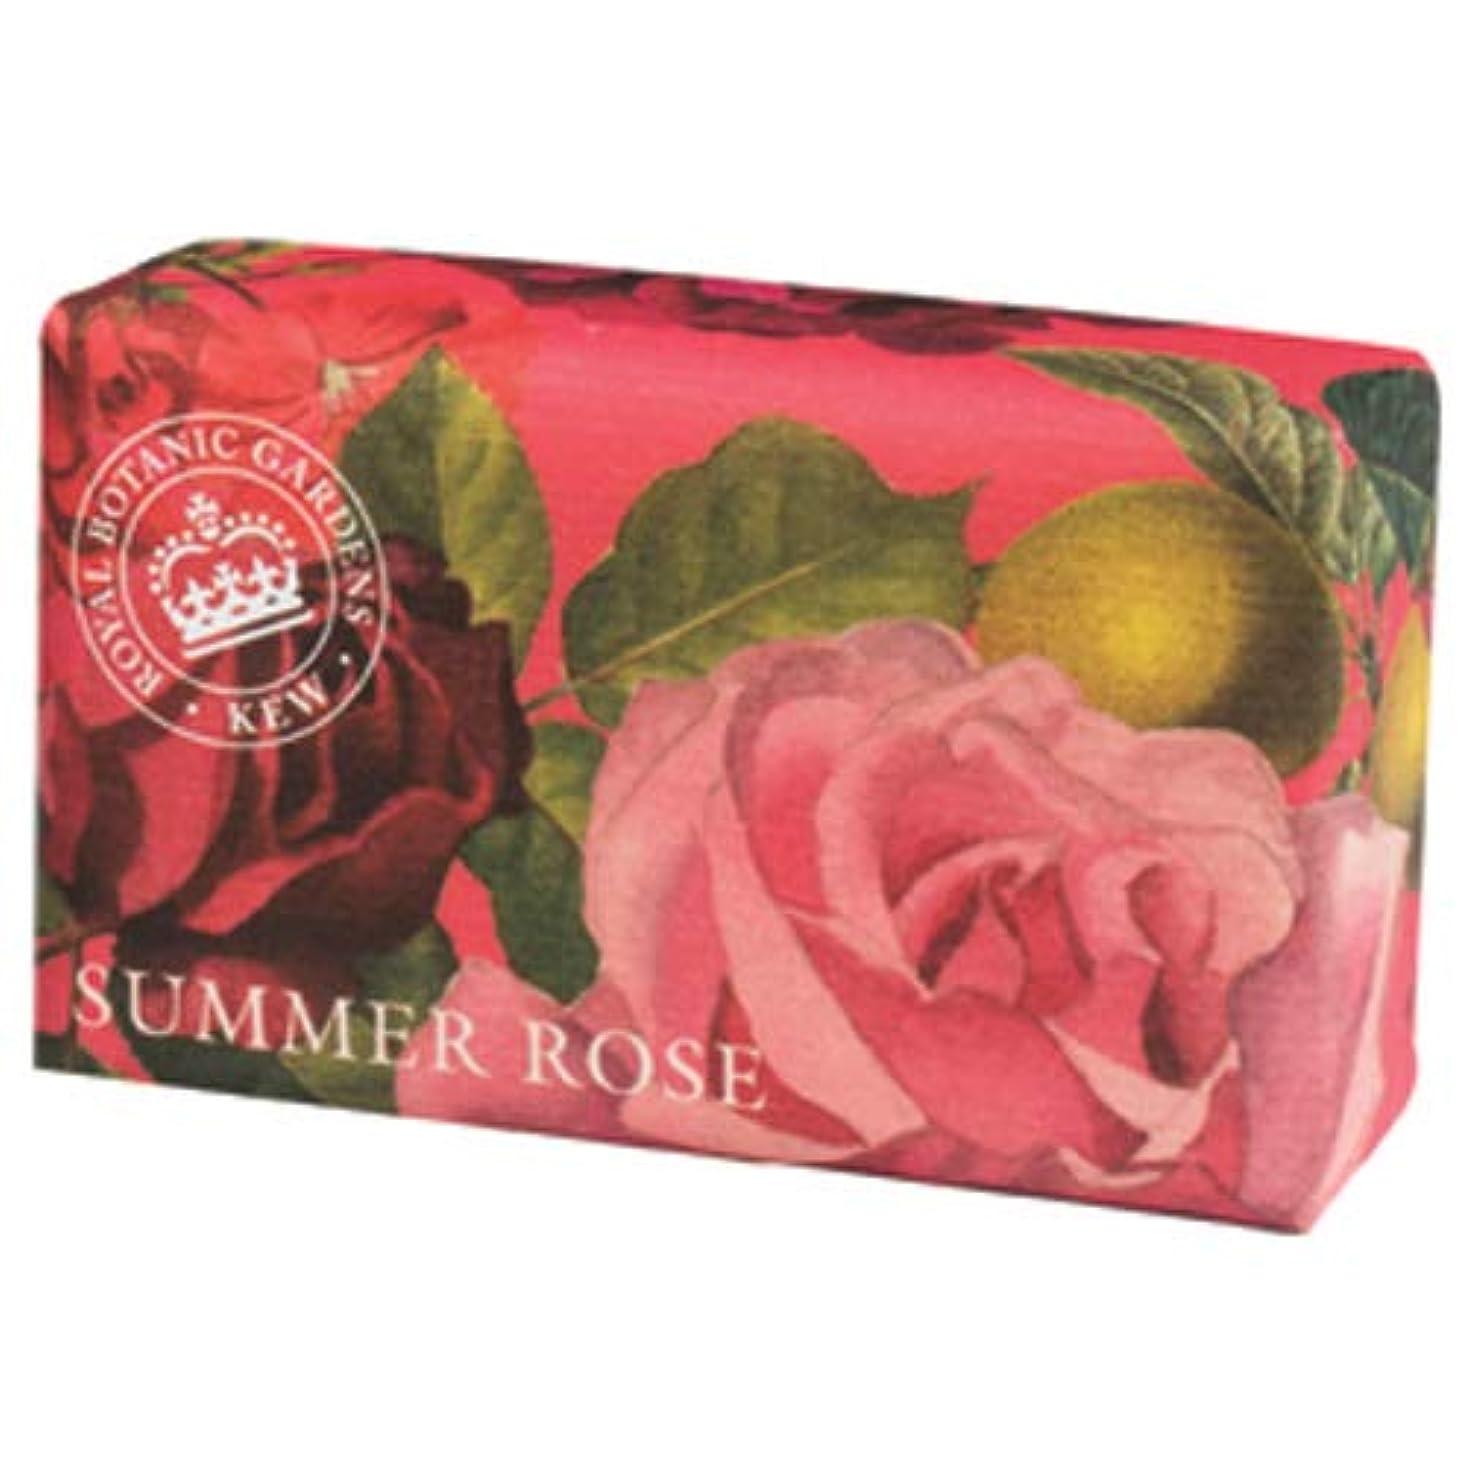 タクシー既婚ビン三和トレーディング English Soap Company イングリッシュソープカンパニー KEW GARDEN キュー?ガーデン Luxury Shea Soaps シアソープ Summer Rose サマーローズ